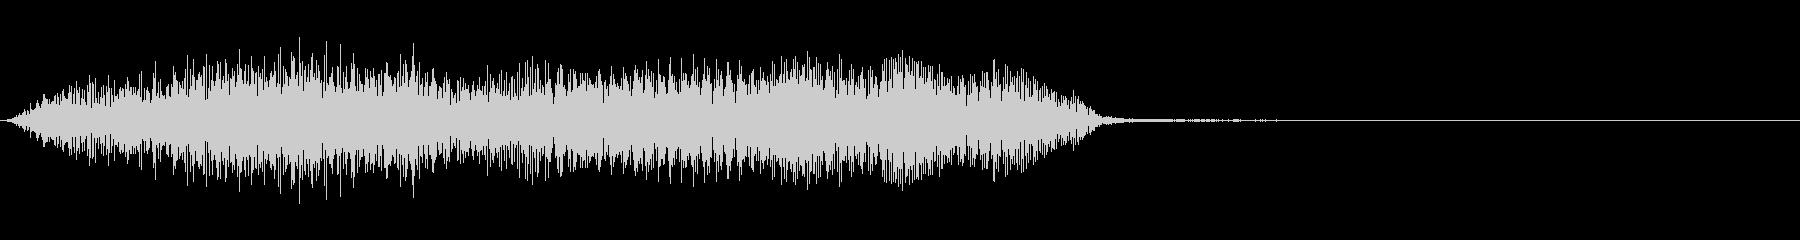 ヴァイオリン:短い悲しいアクセント...の未再生の波形